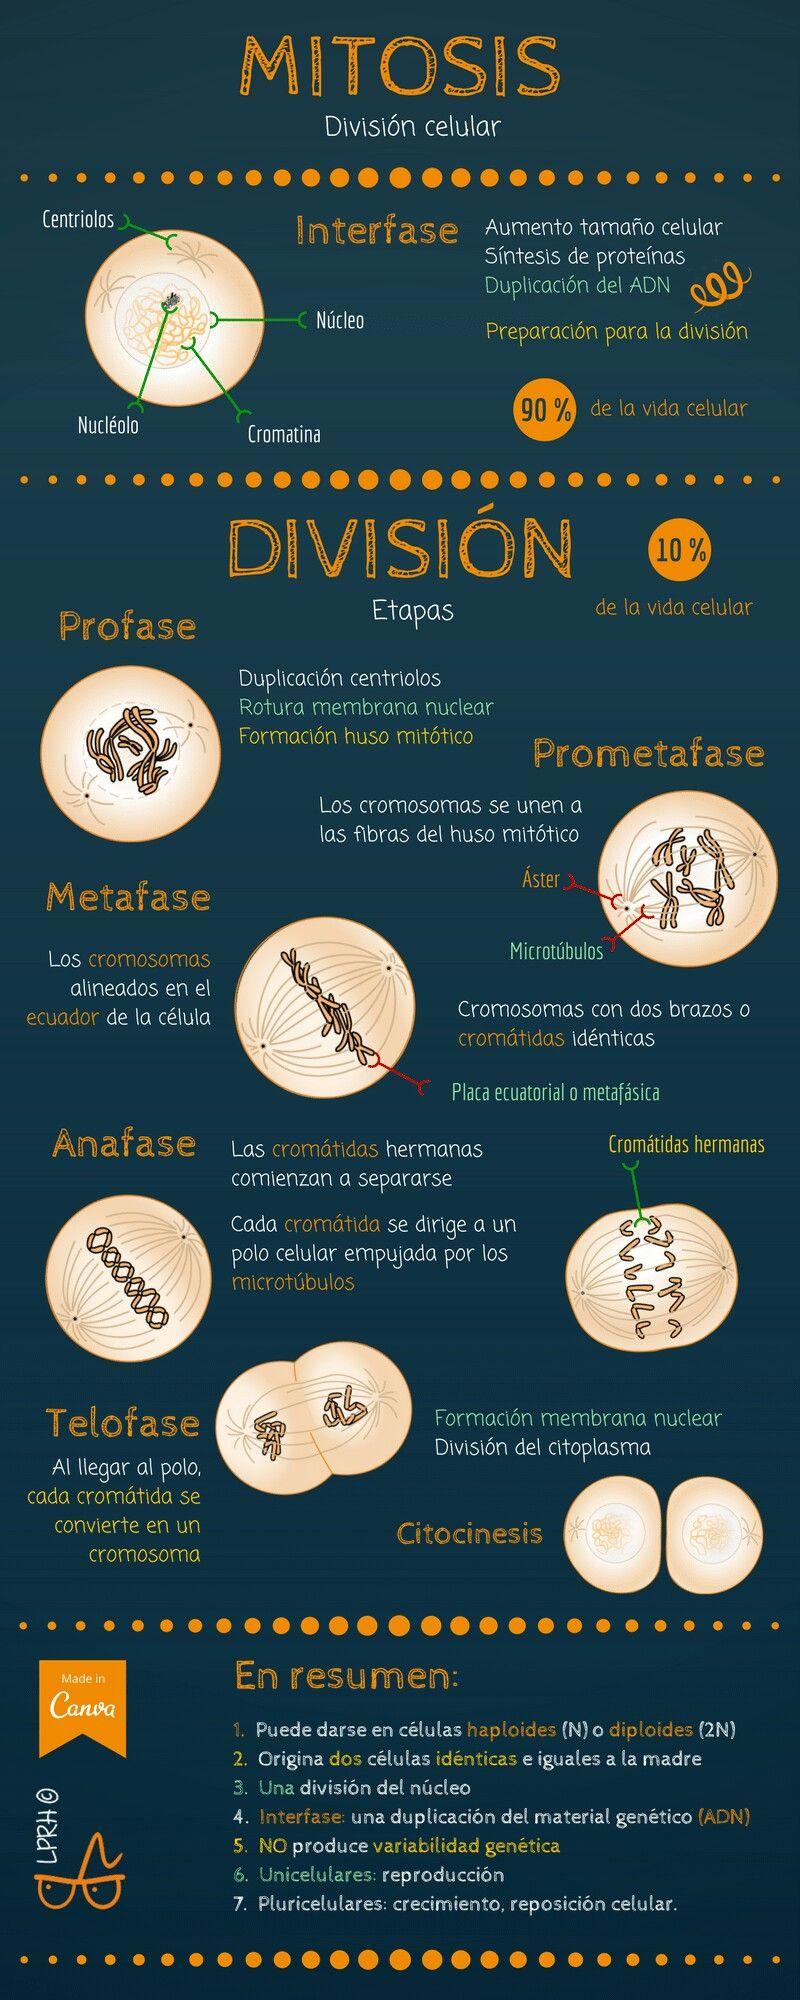 Pin de jhared gutierrez en Ciencia | Pinterest | Biología, Medicina ...